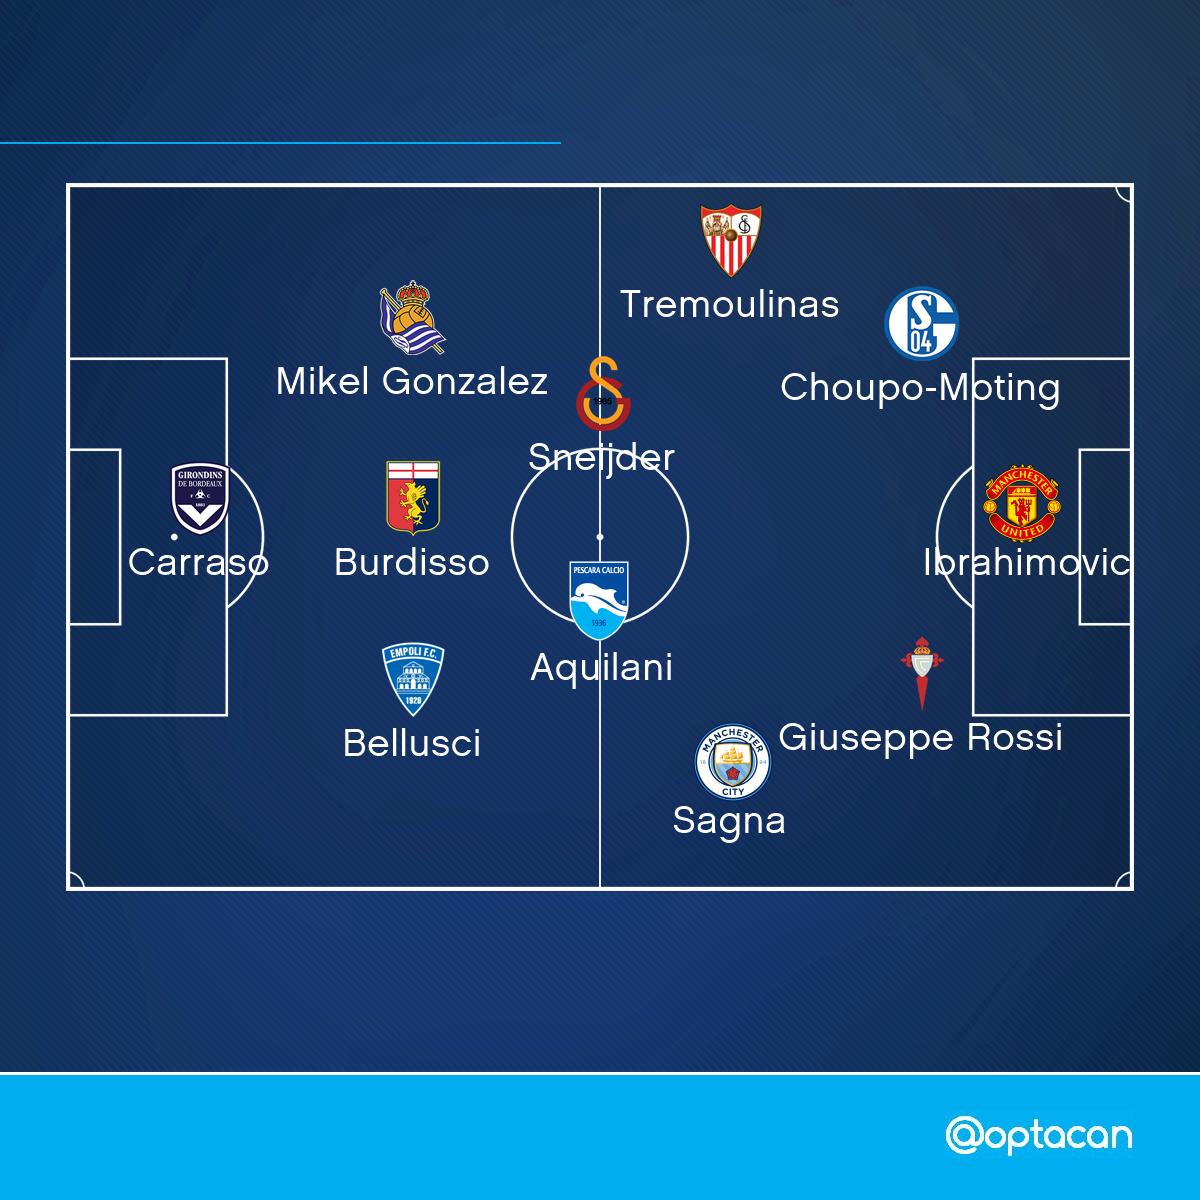 """OptaCan on Twitter: """"11 - Opta Index'ine göre 5 büyük lig ve Süper Lig'de, 2016/17 sezonunda en yüksek puan alan serbest oyuncular."""